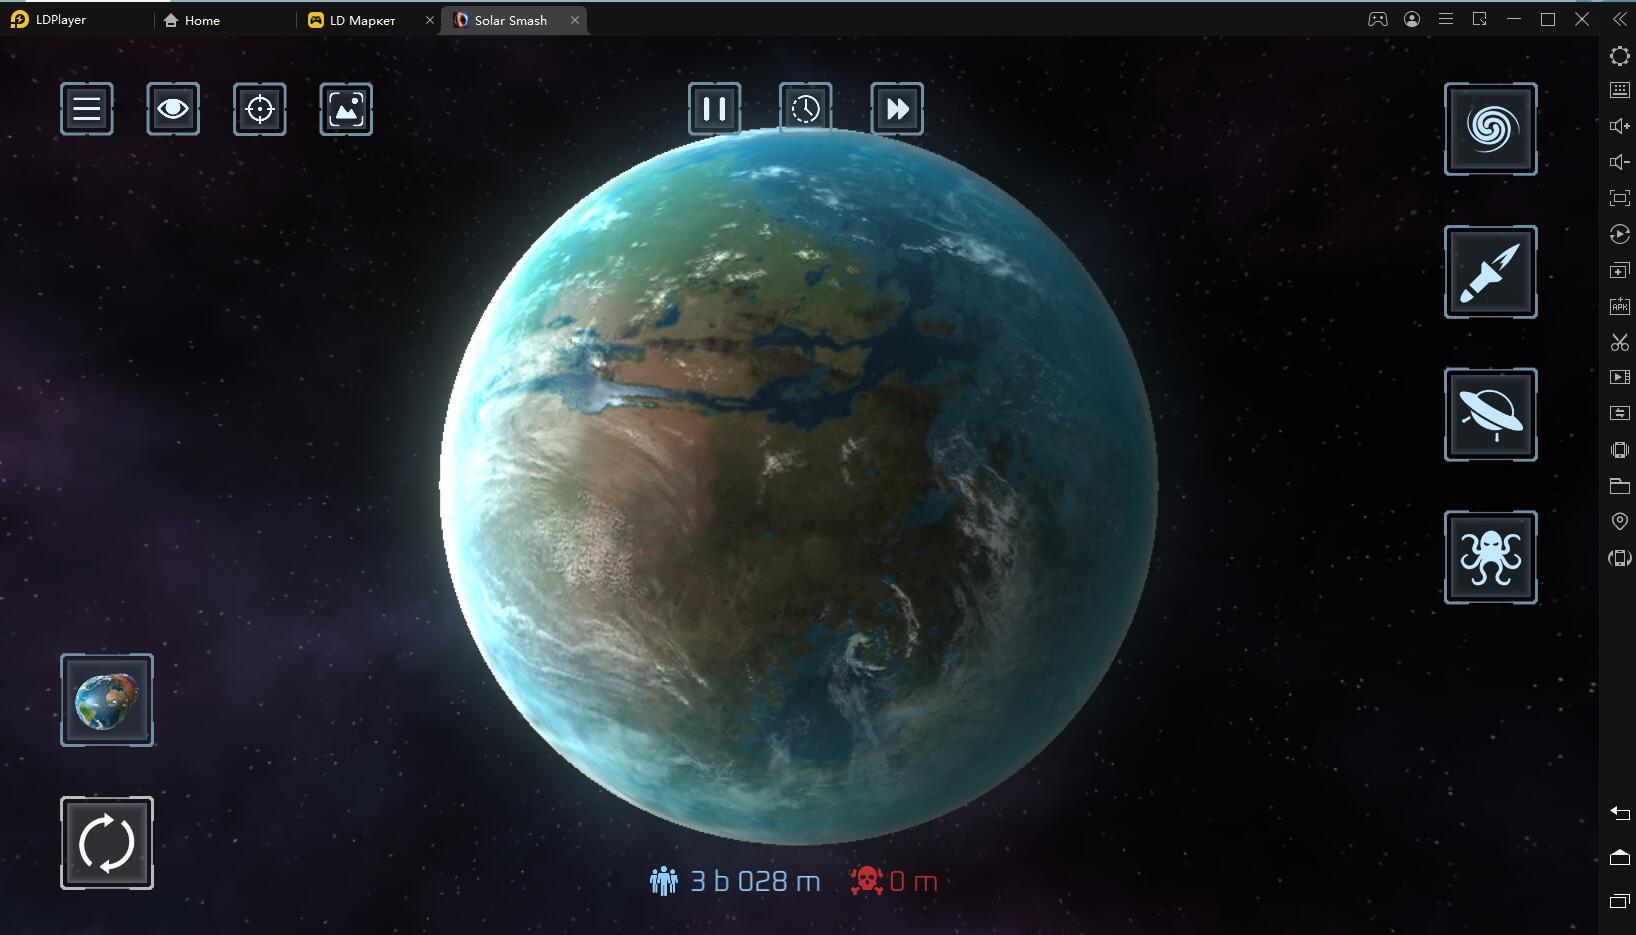 Играть в «Solar Smash» бесплатно на пк